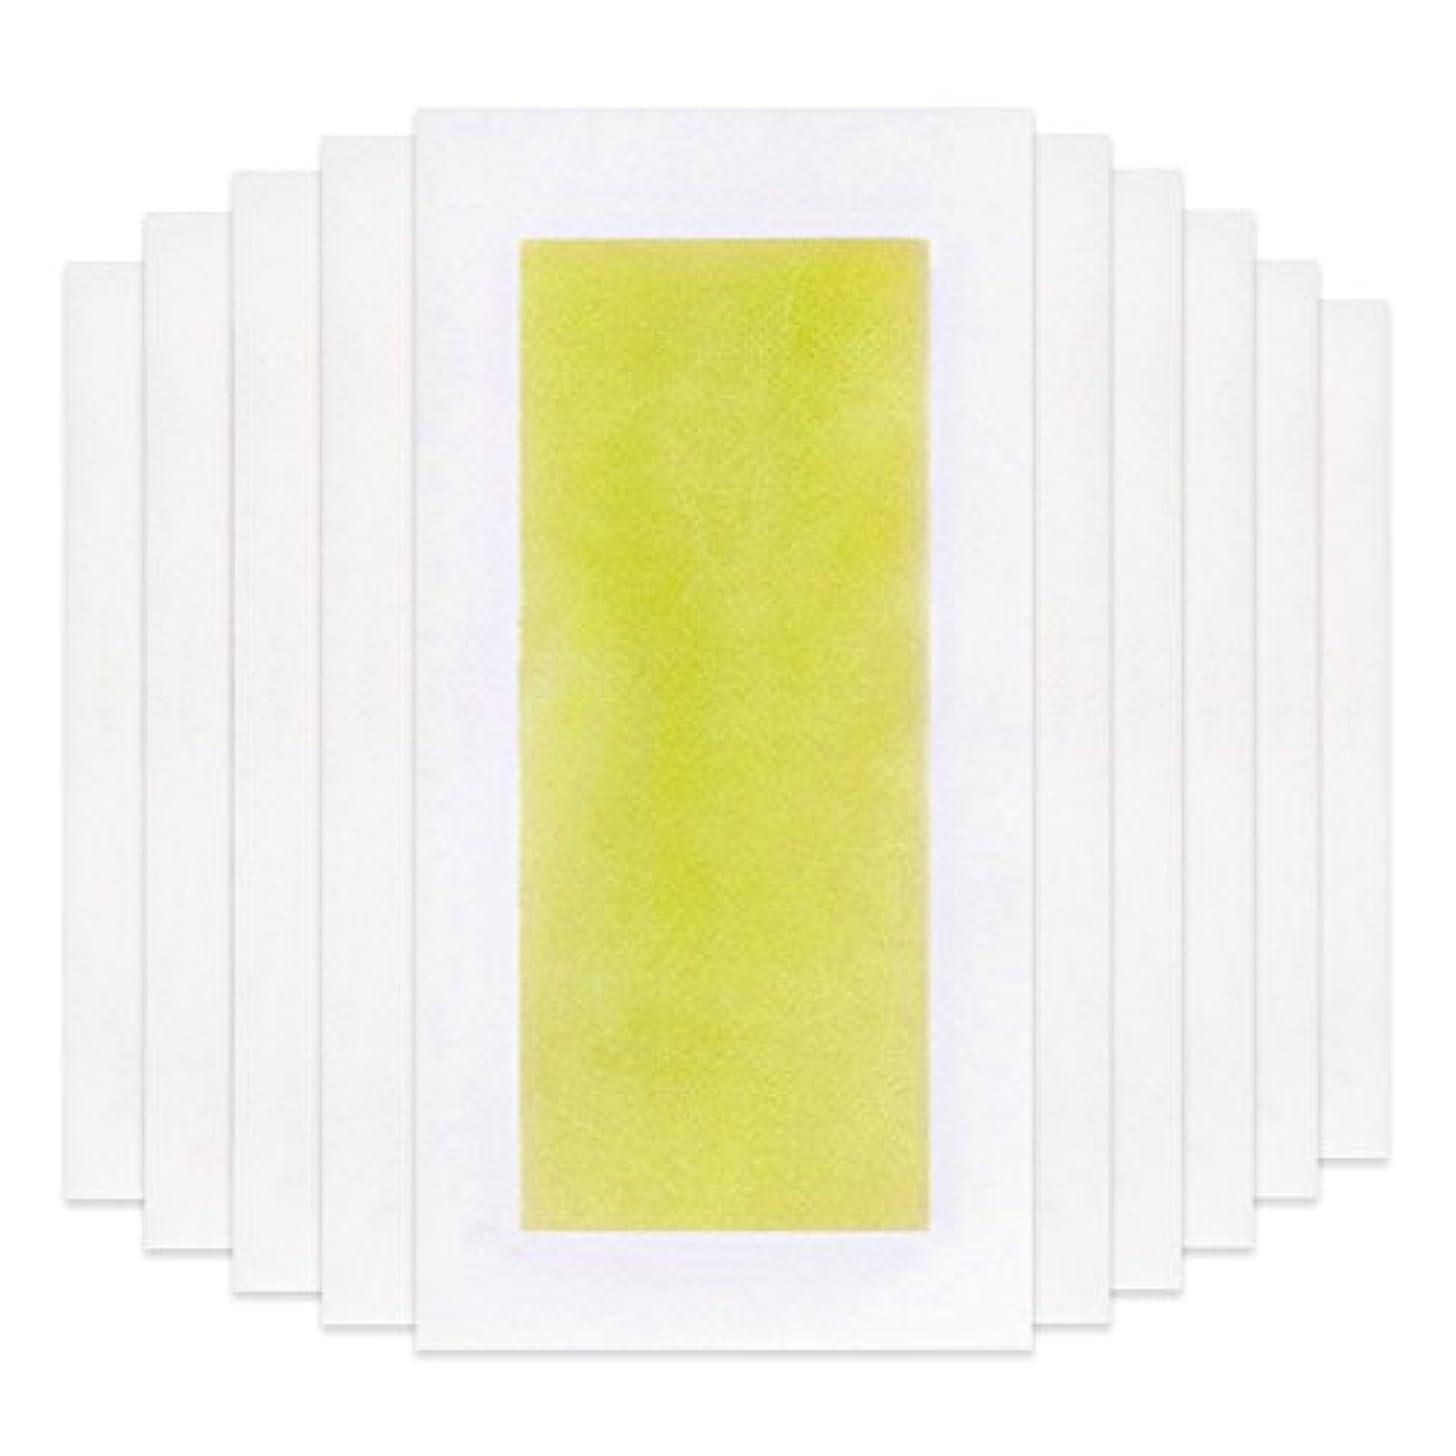 超えてモチーフ改修するRabugoo 脚の身体の顔のための10個のプロフェッショナルな夏の脱毛ダブルサイドコールドワックスストリップ紙 Yellow